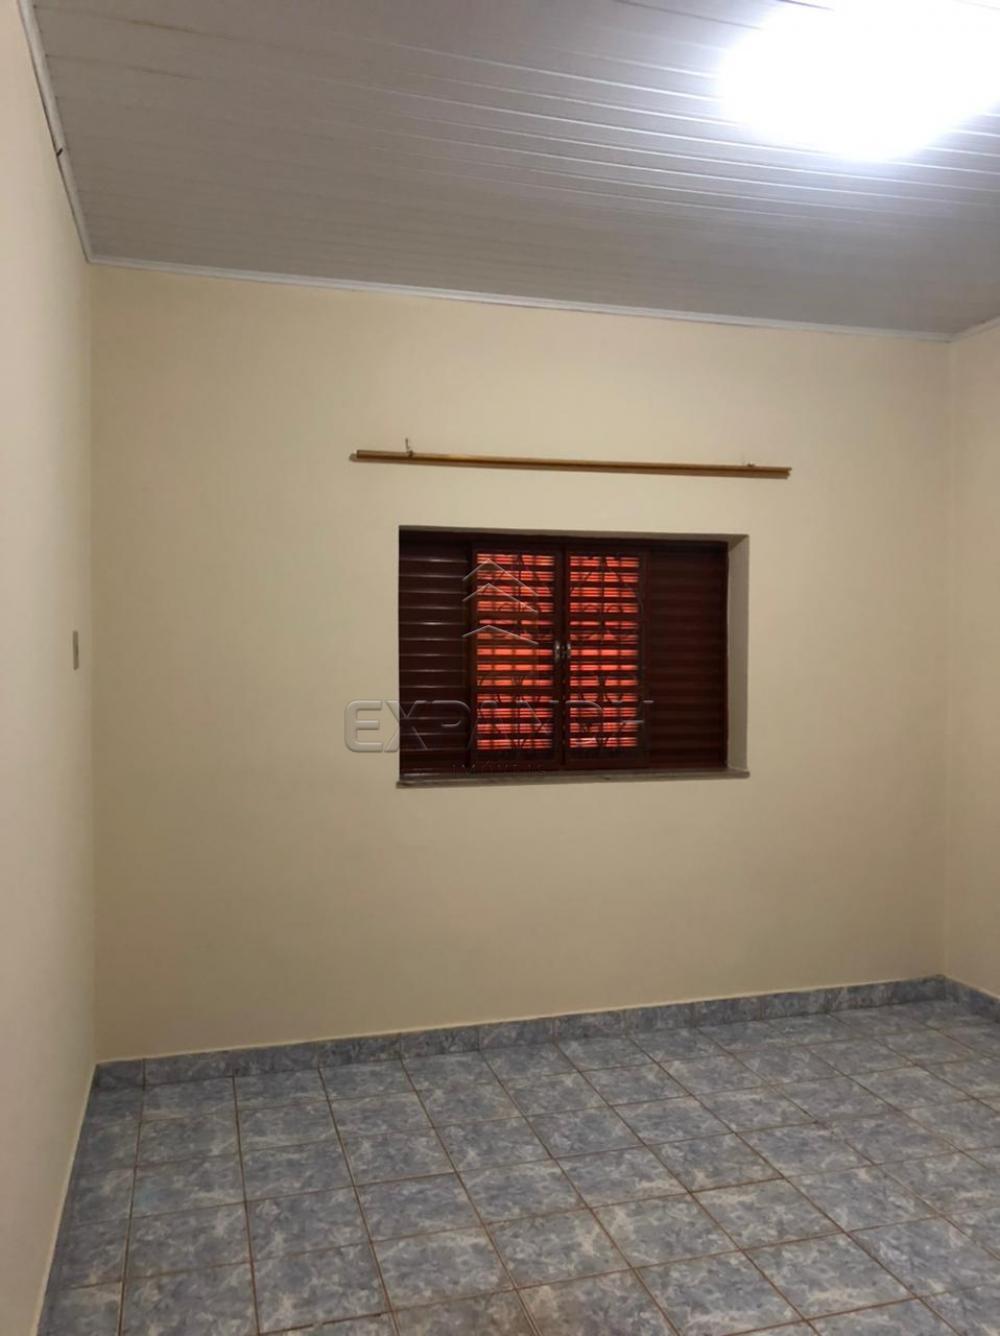 Alugar Casas / Padrão em Sertãozinho R$ 925,00 - Foto 6